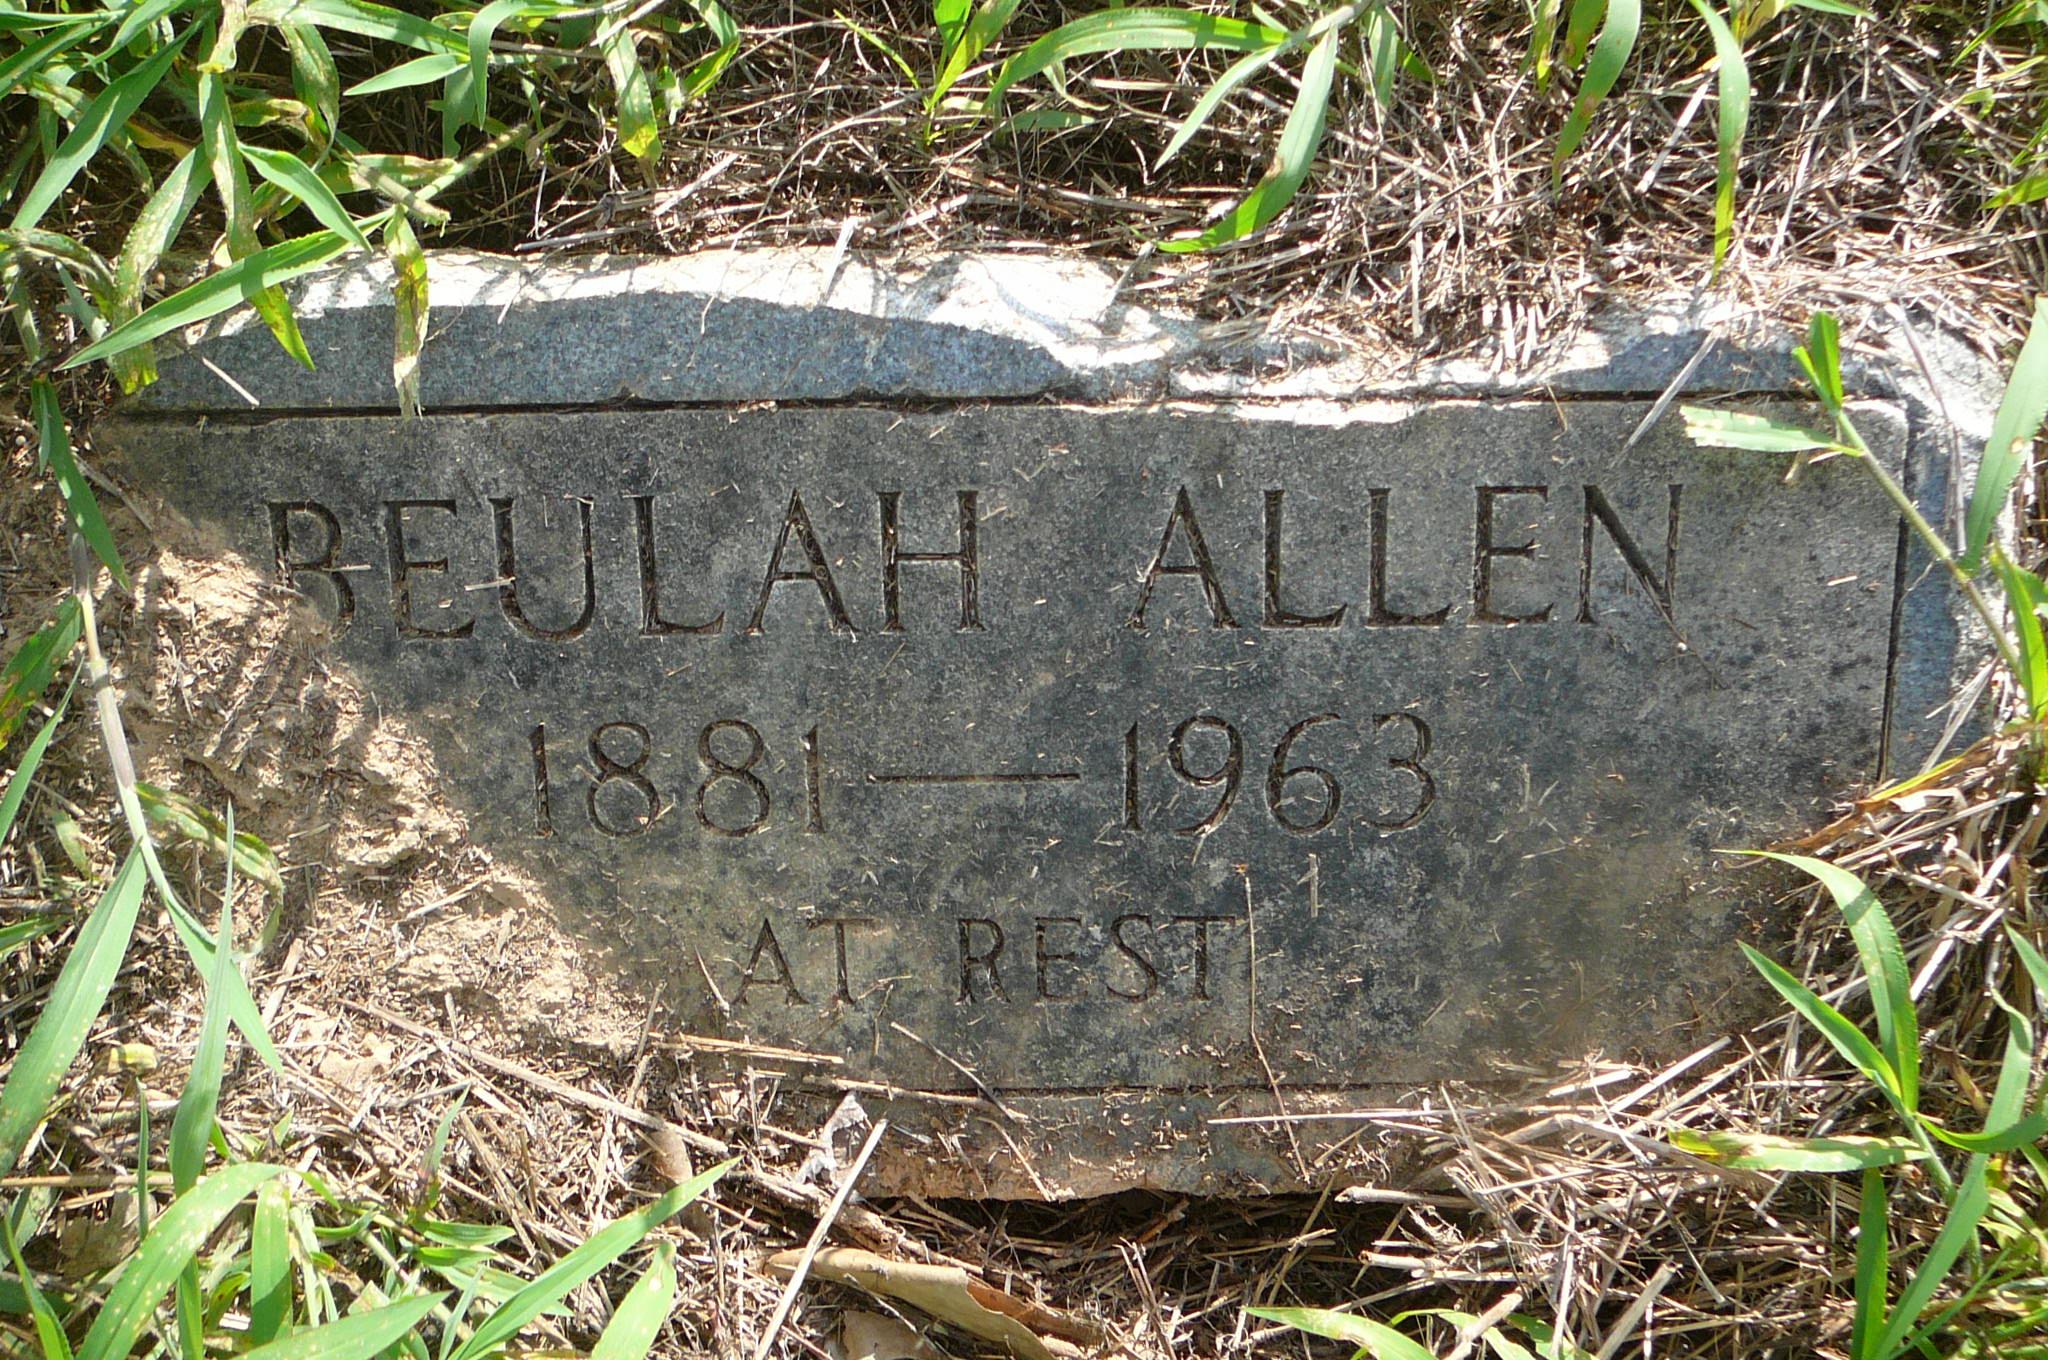 Beulah Allen